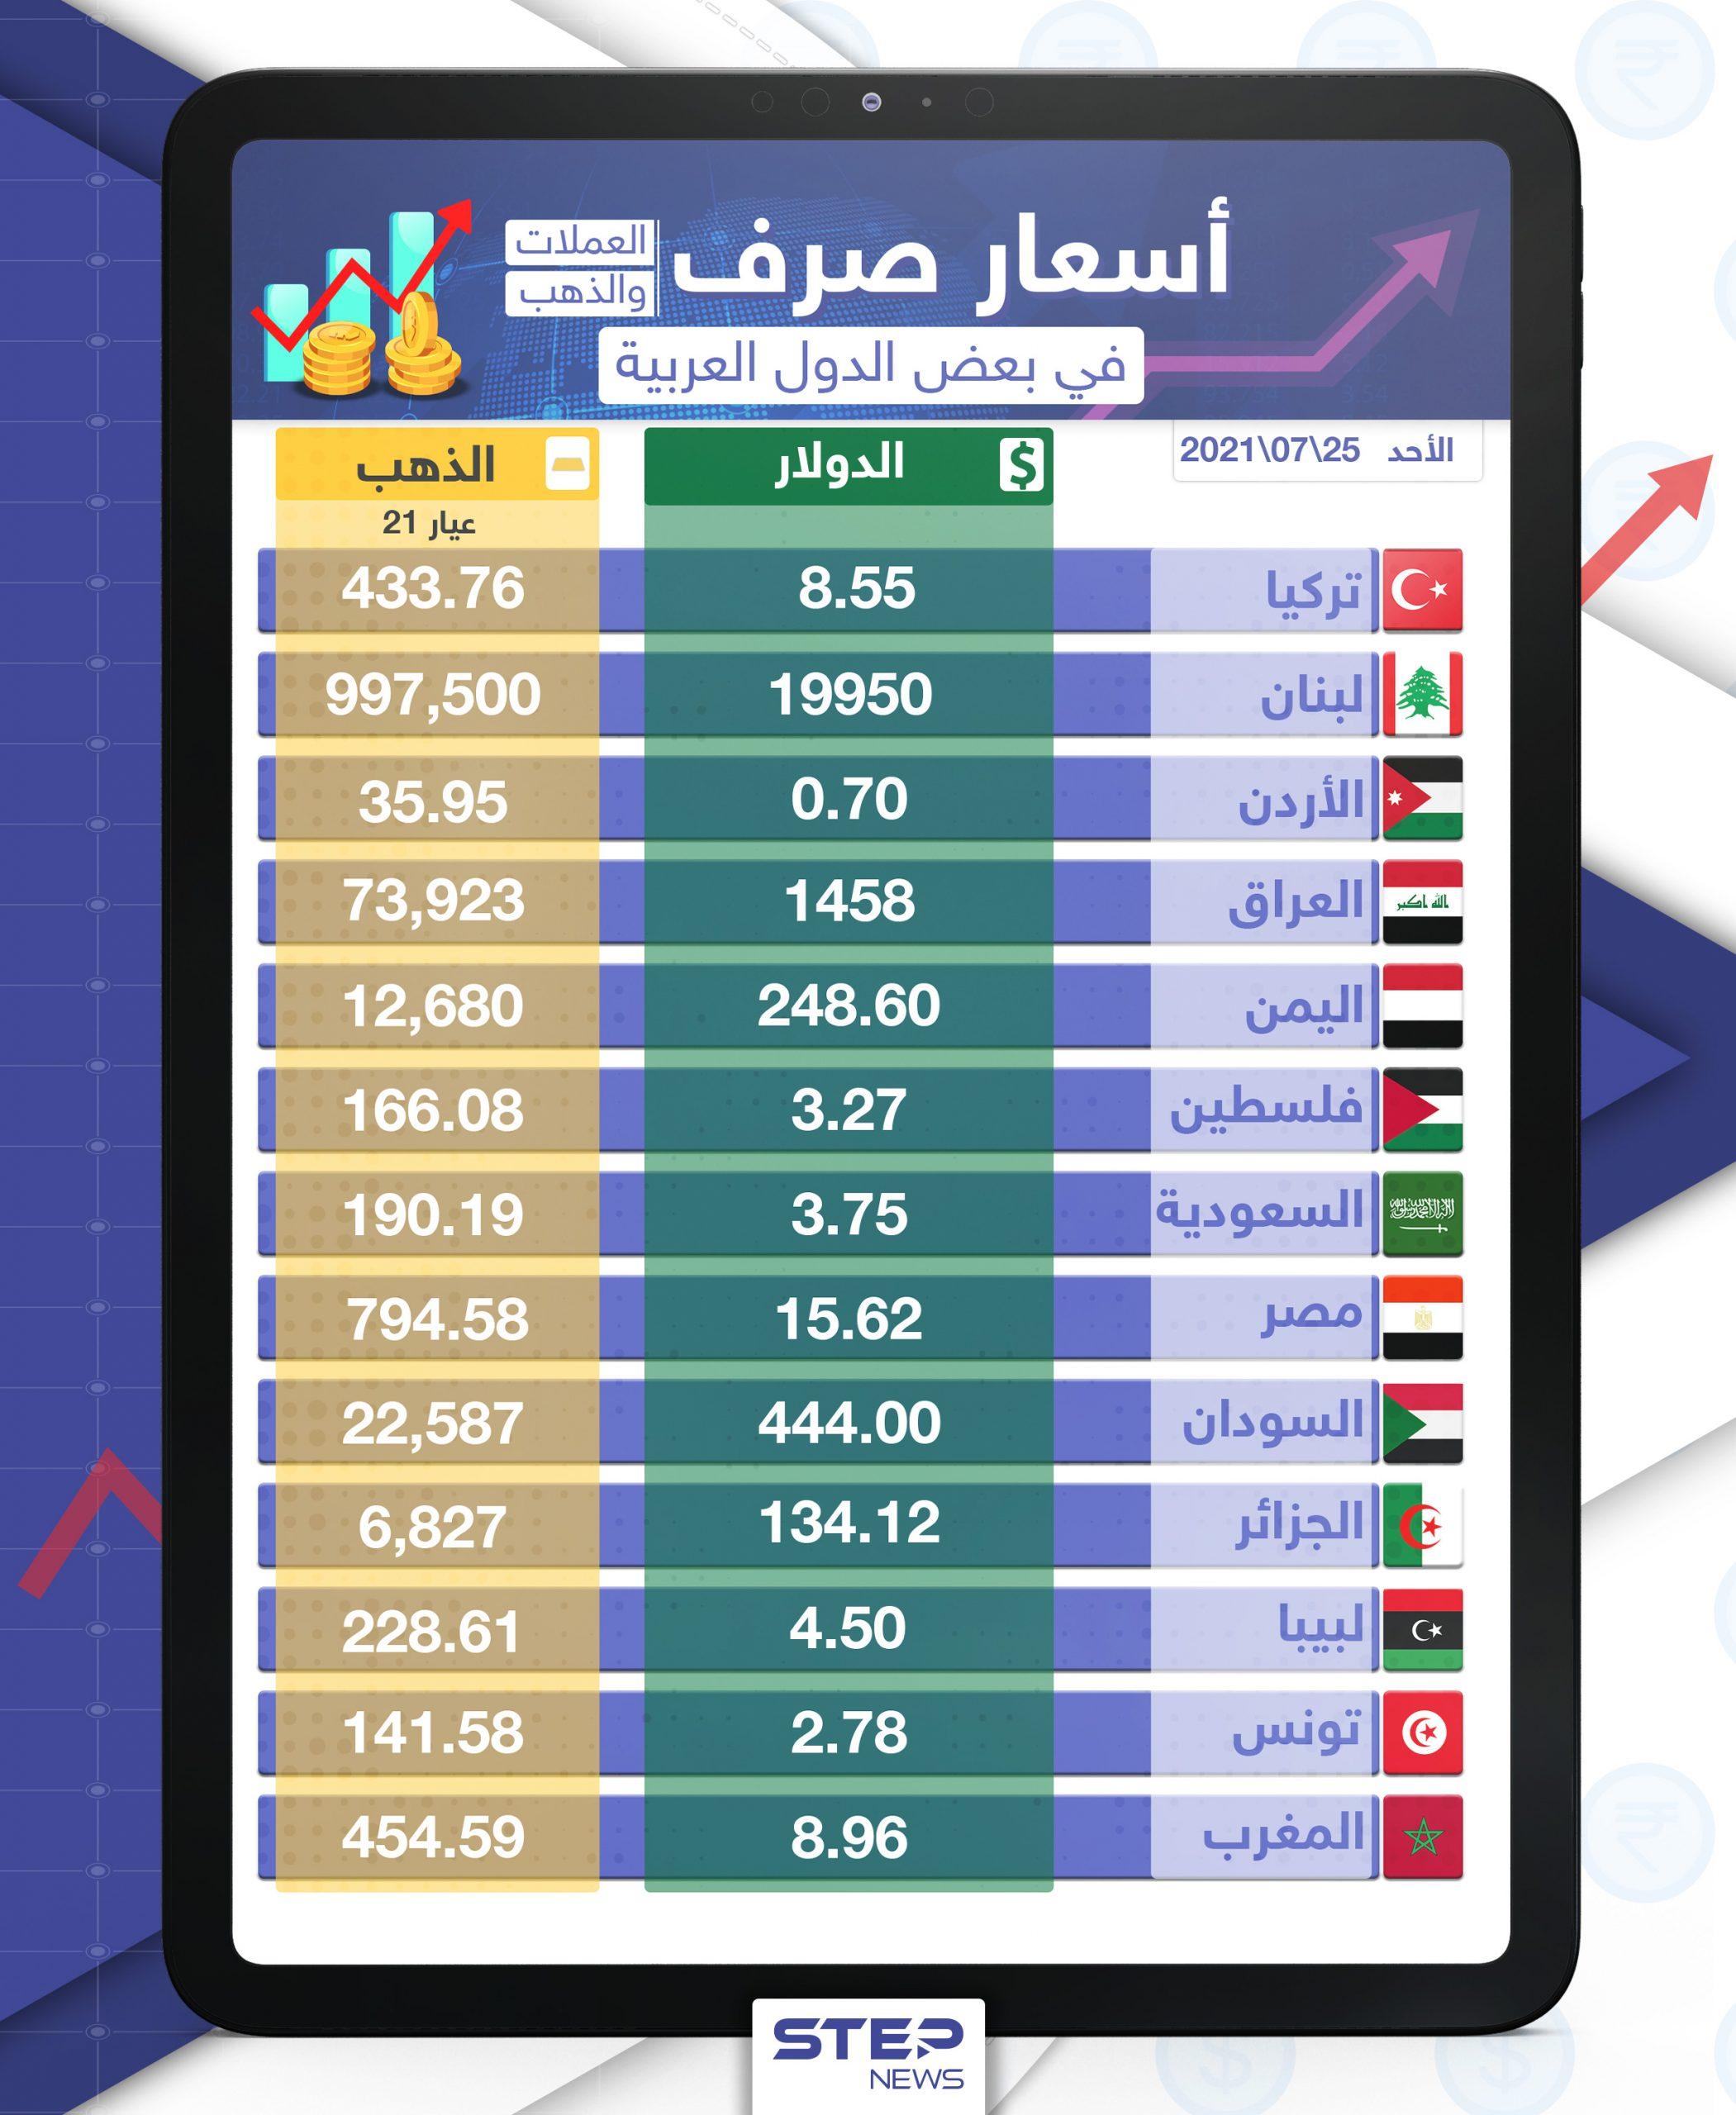 أسعار الذهب والعملات للدول العربية وتركيا اليوم الأحد الموافق 25 تموز 2021